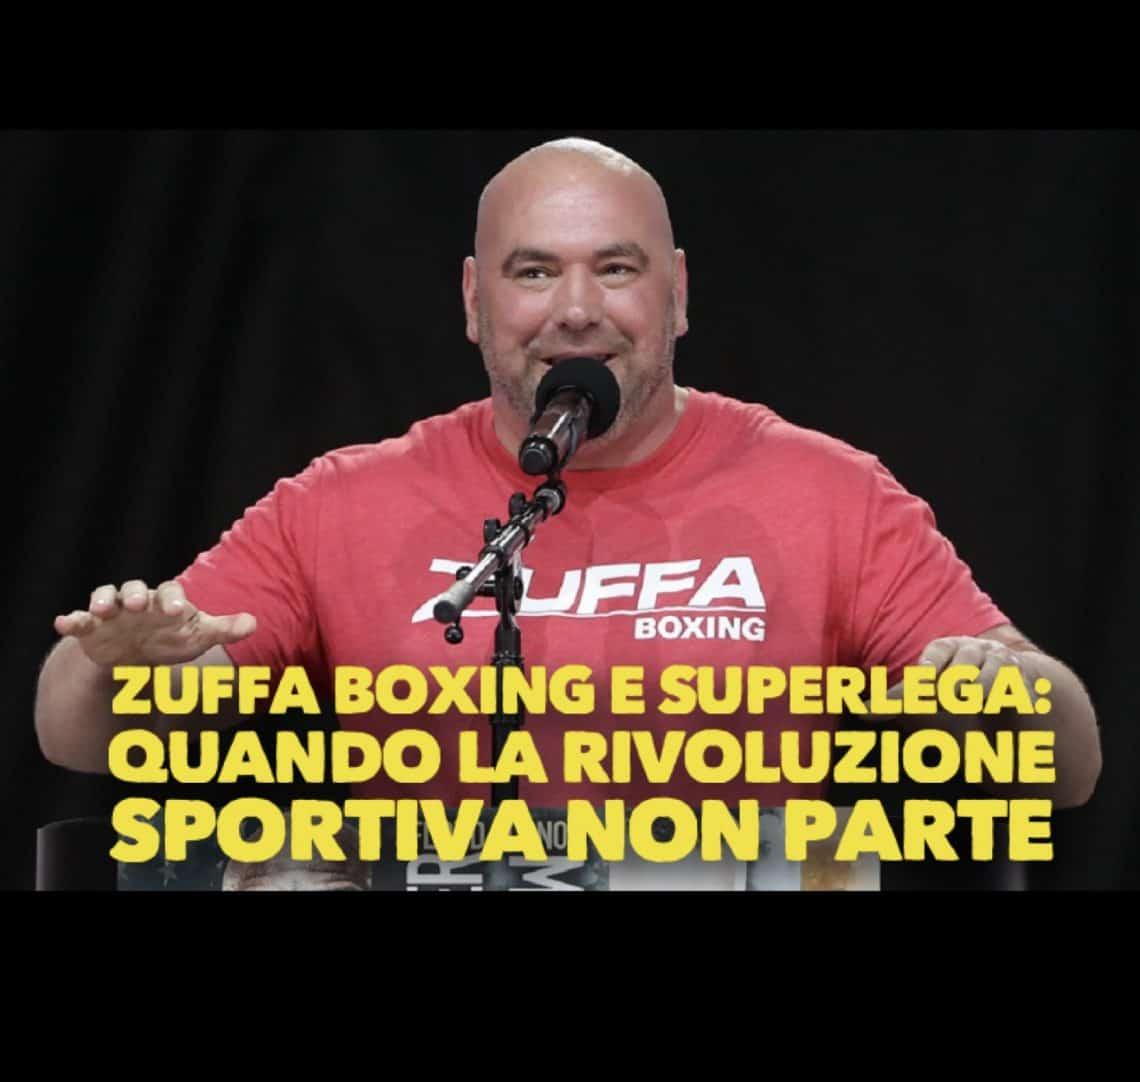 Zuffa Boxing e SuperLega: quando la rivoluzione sportiva non parte 1